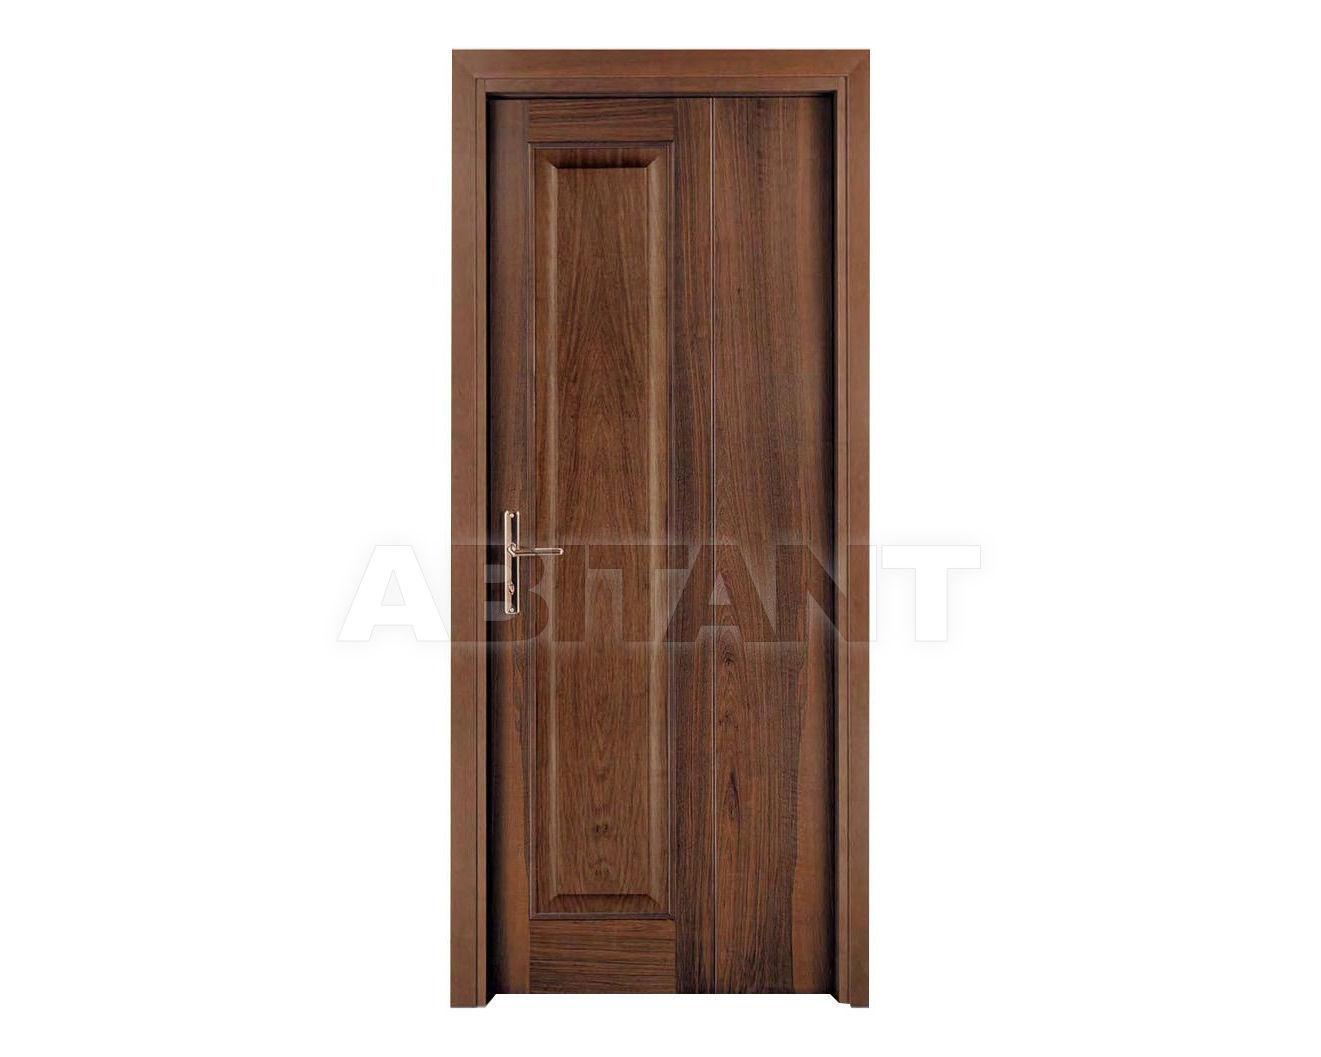 Купить Дверь деревянная Fioravazzi Lisce LIBRO ARIANNA 5 CIECA